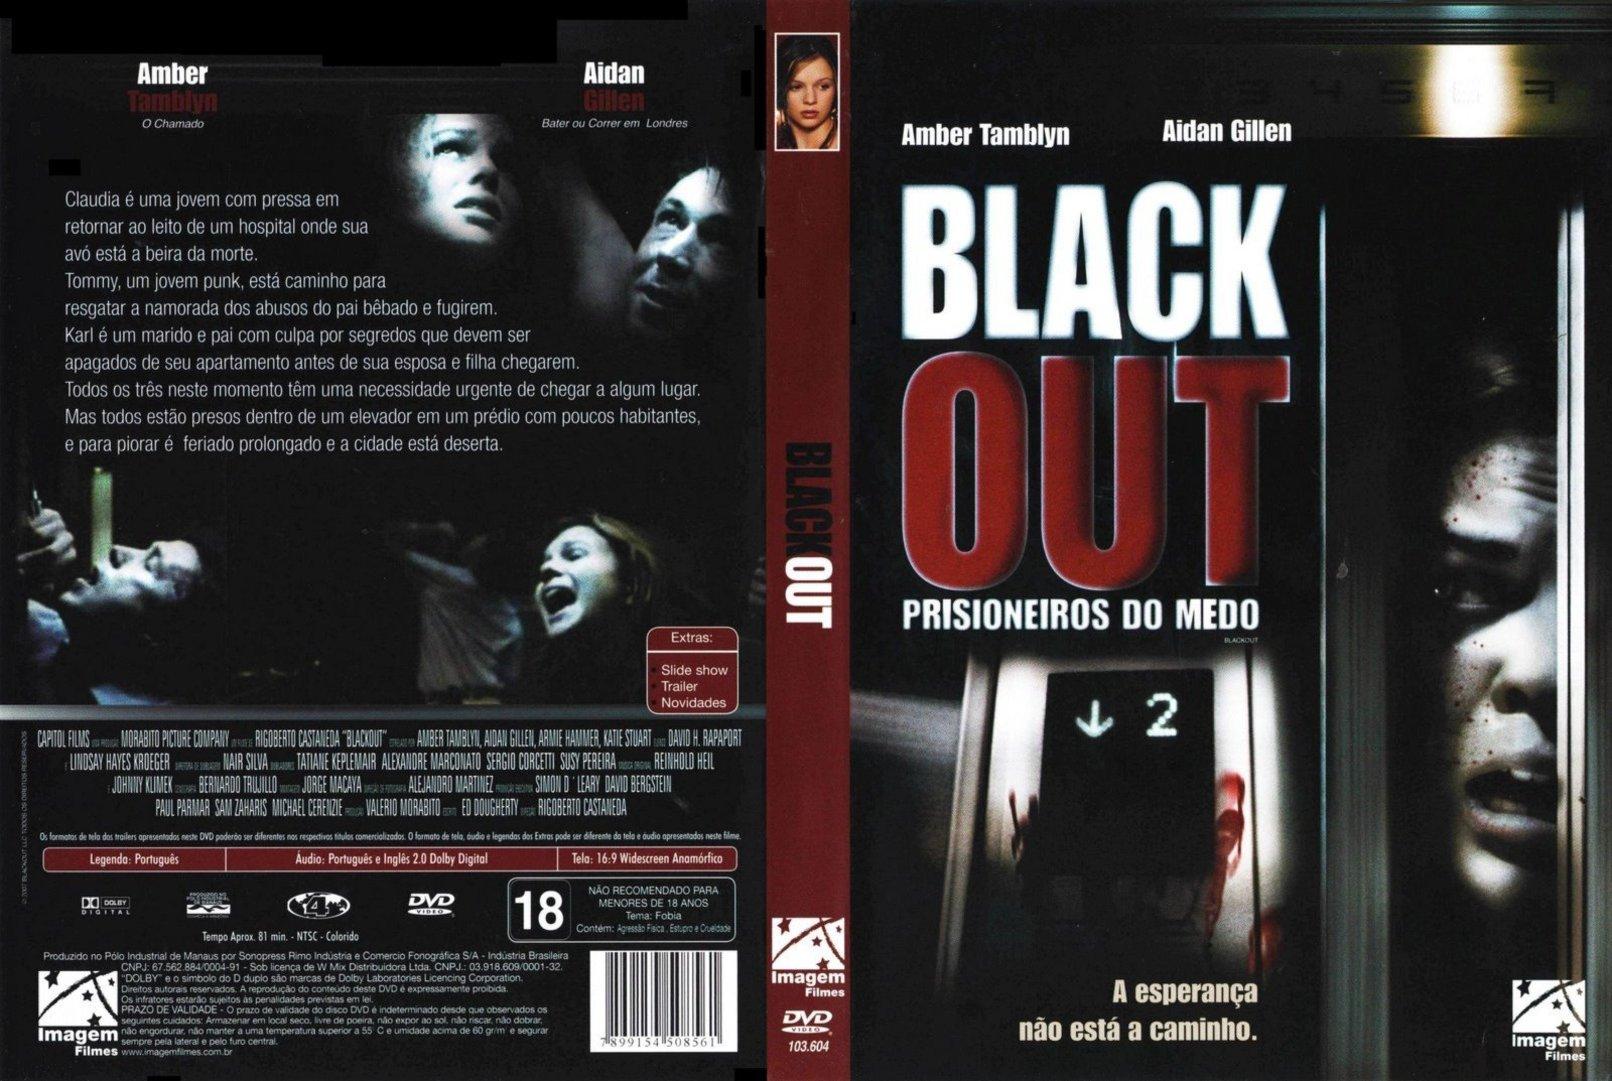 BlackoutPrisioneirosdoMedo